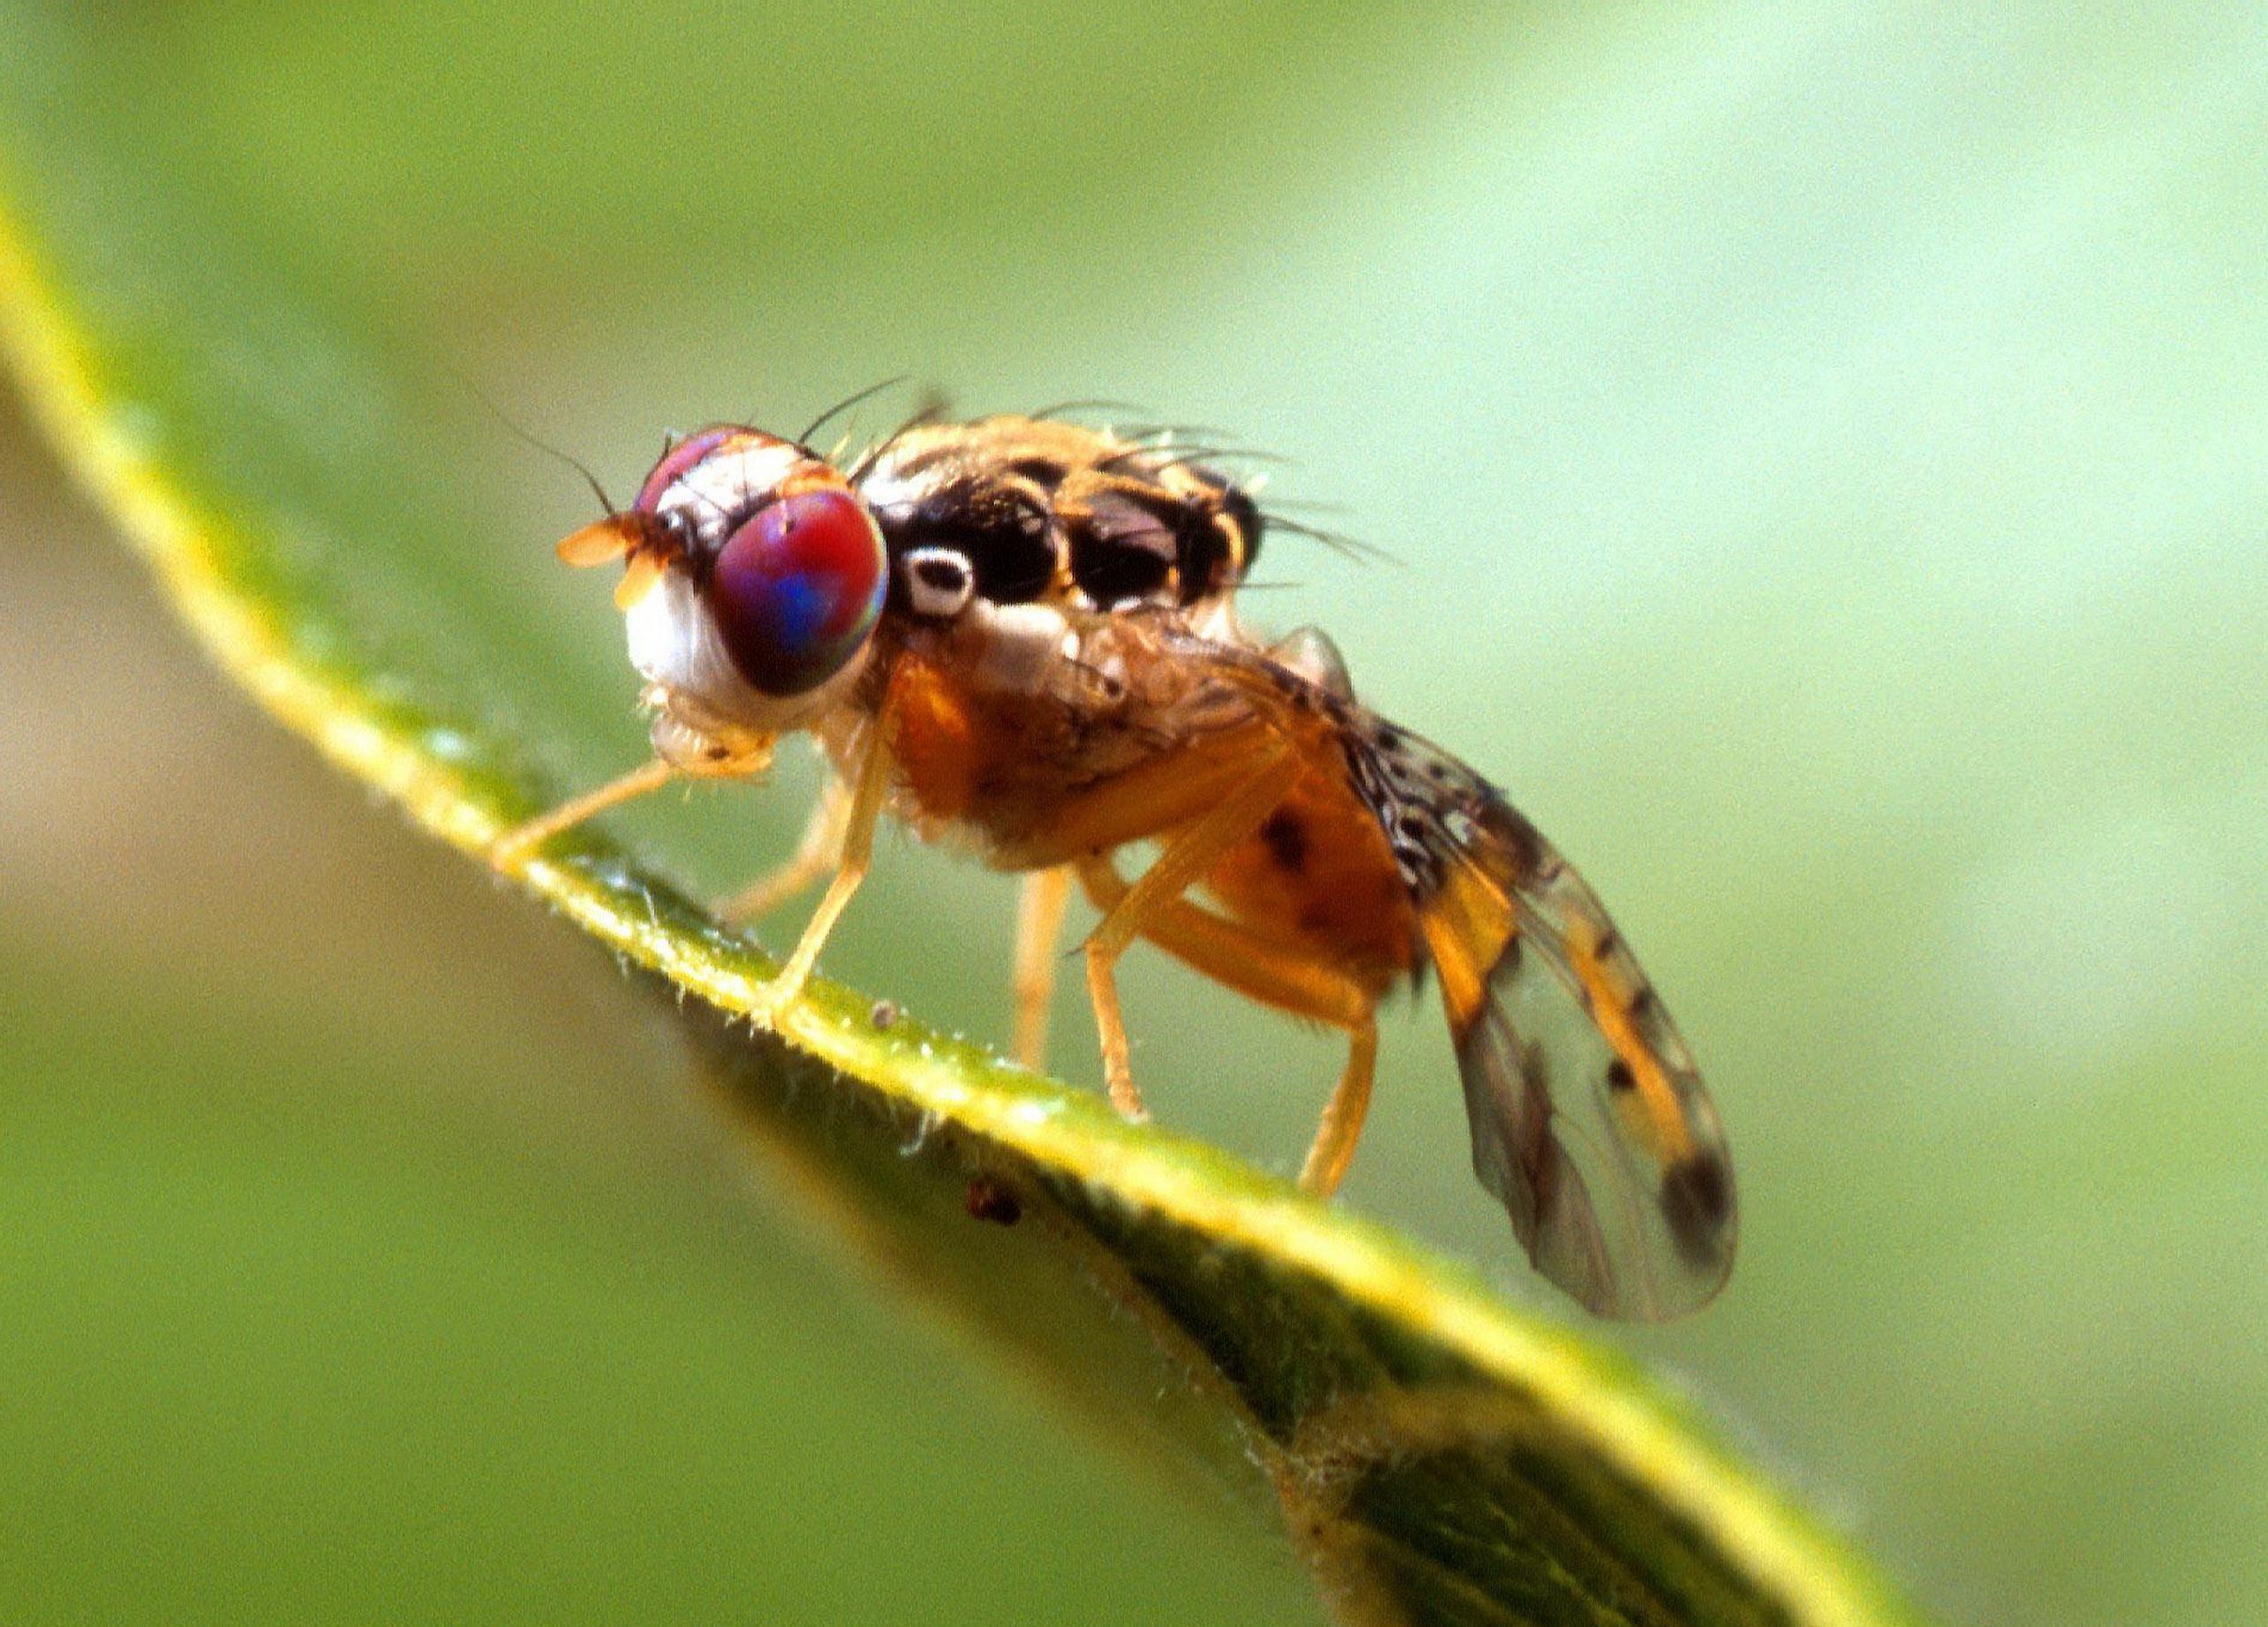 Las mujeres viven más que los hombres... ¡una mosca lo demuestra!Una ...